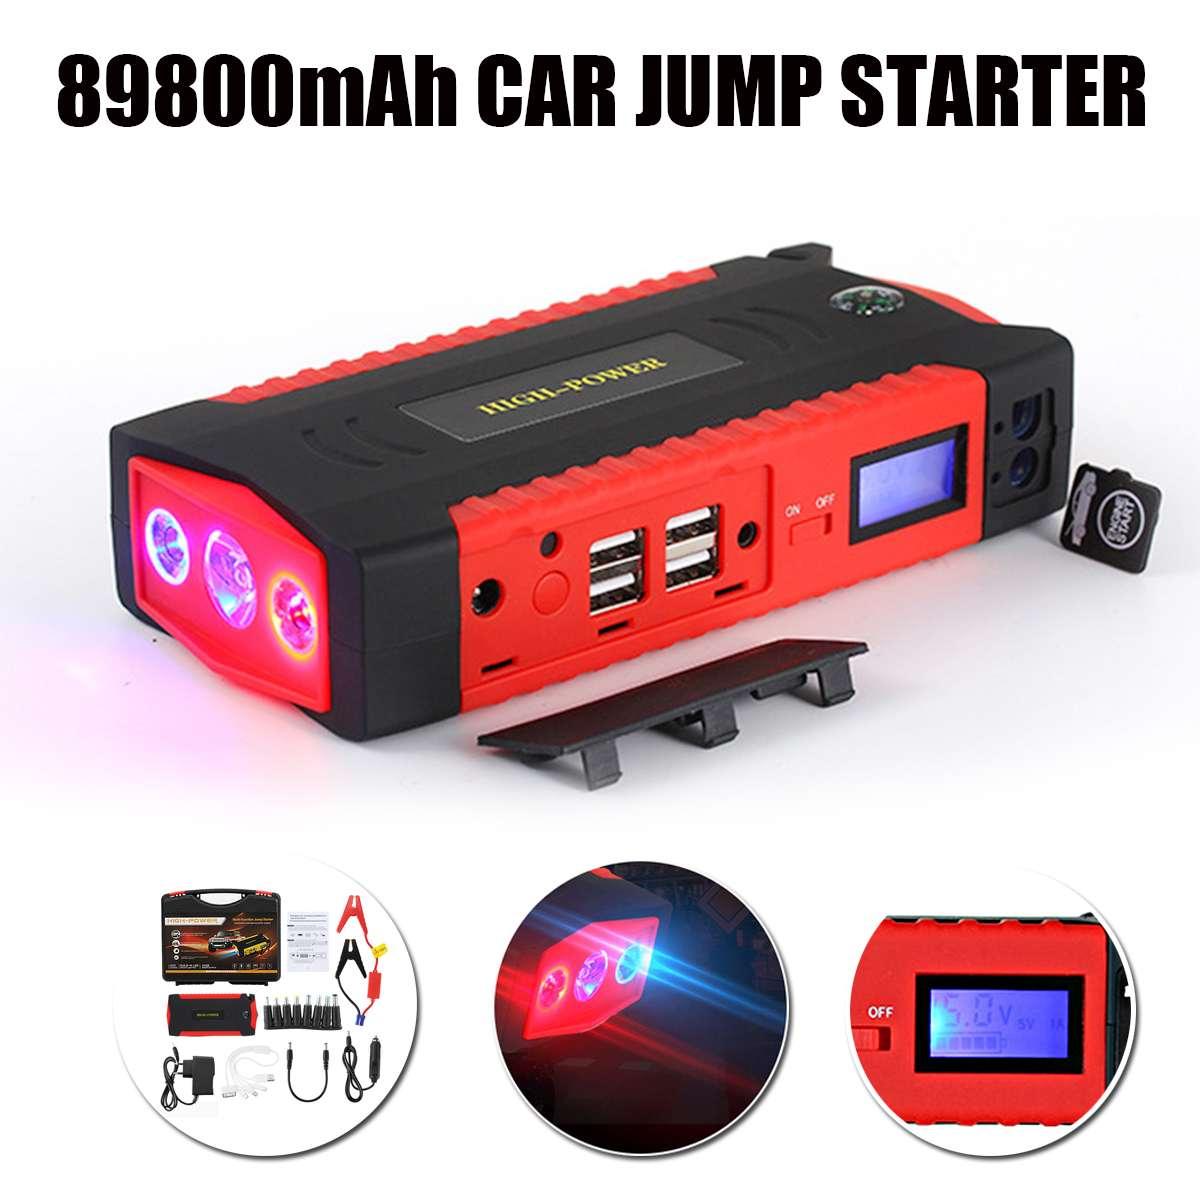 Multifonction voiture saut démarreur batterie externe 4 USB batterie Booster chargeur 12 V démarrage dispositif essence Diesels voiture démarreur 89800 mAh